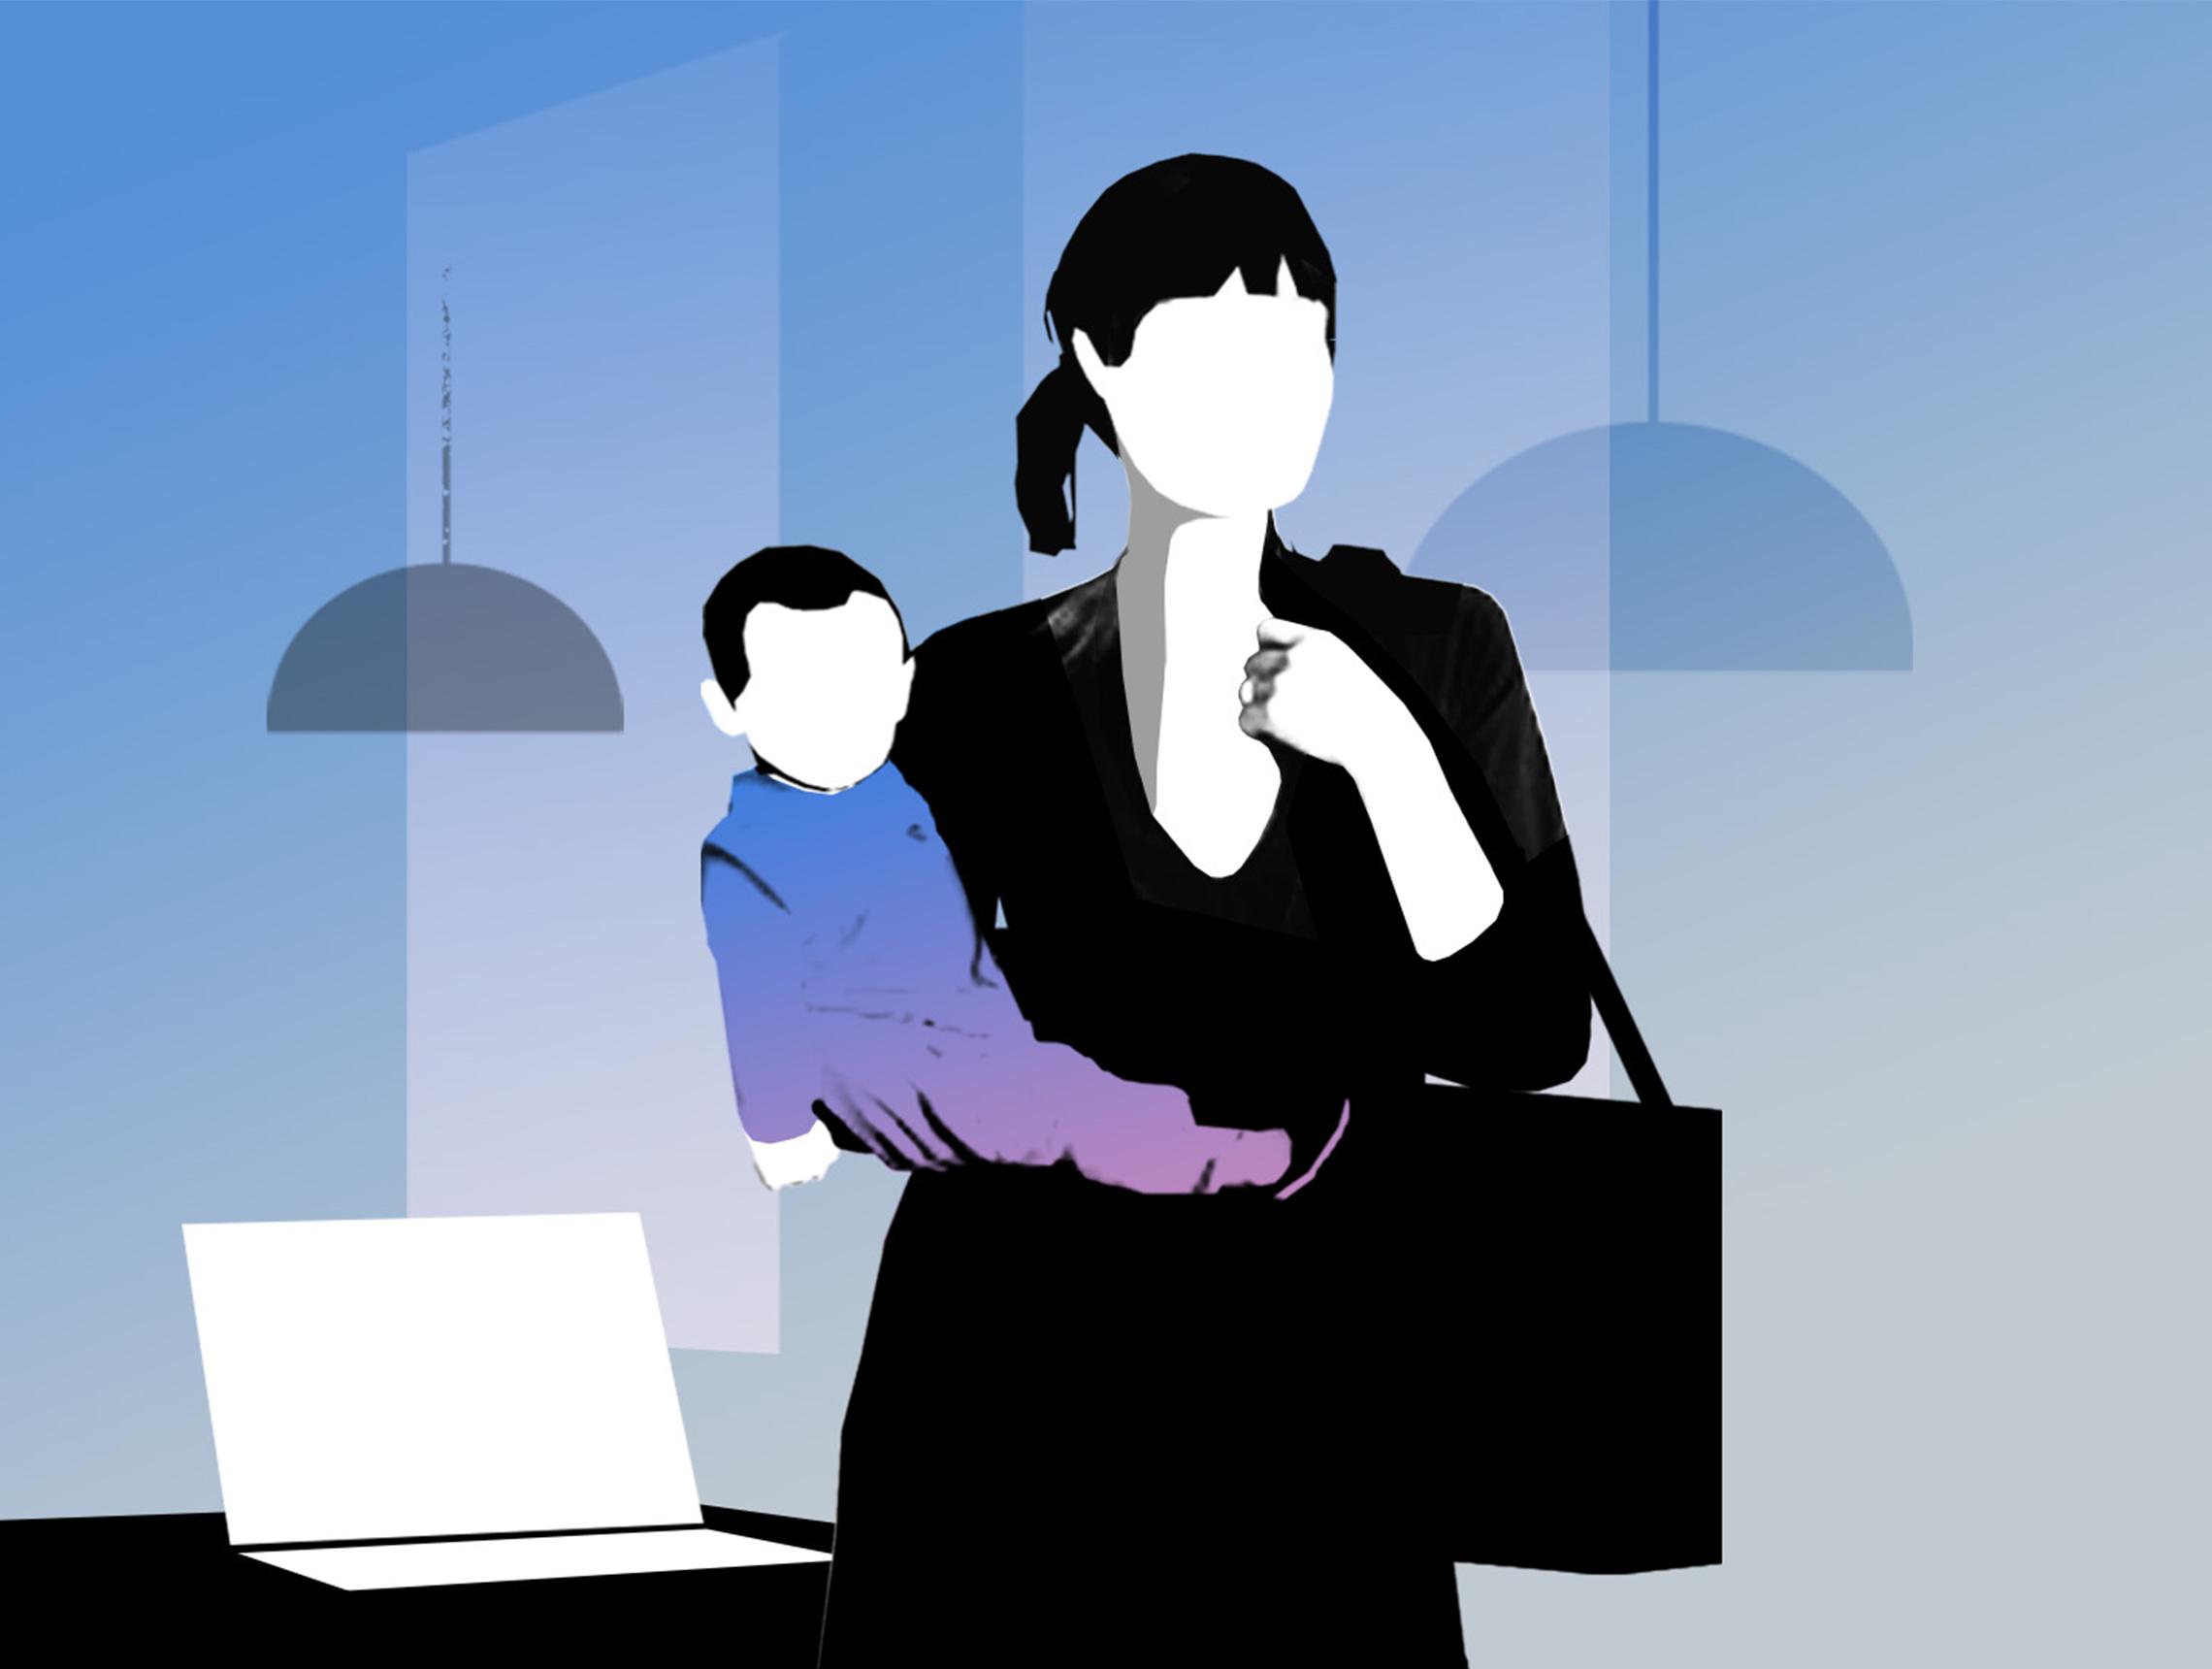 Frau mit Kind auf dem Arm steht neben Laptop